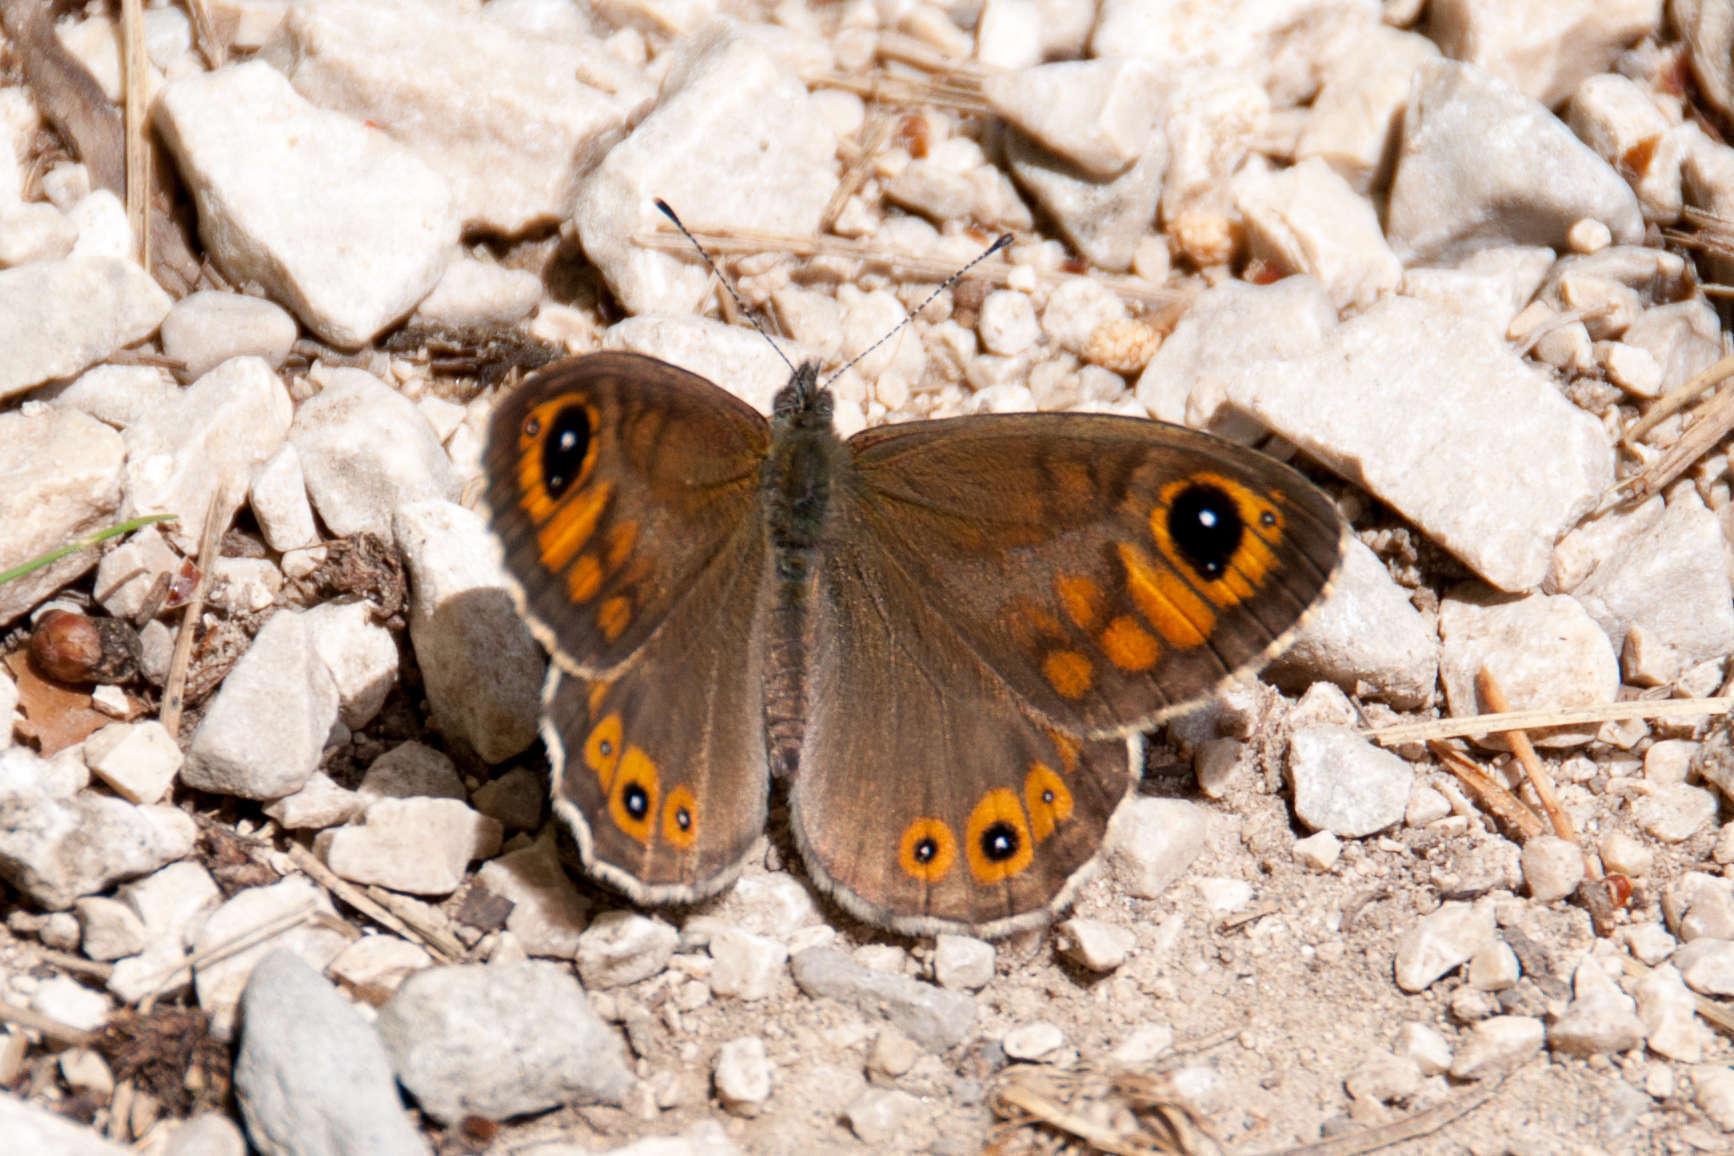 Lasiommata maera ♂ @Paul Asman and Jill Lenoble - Flickr